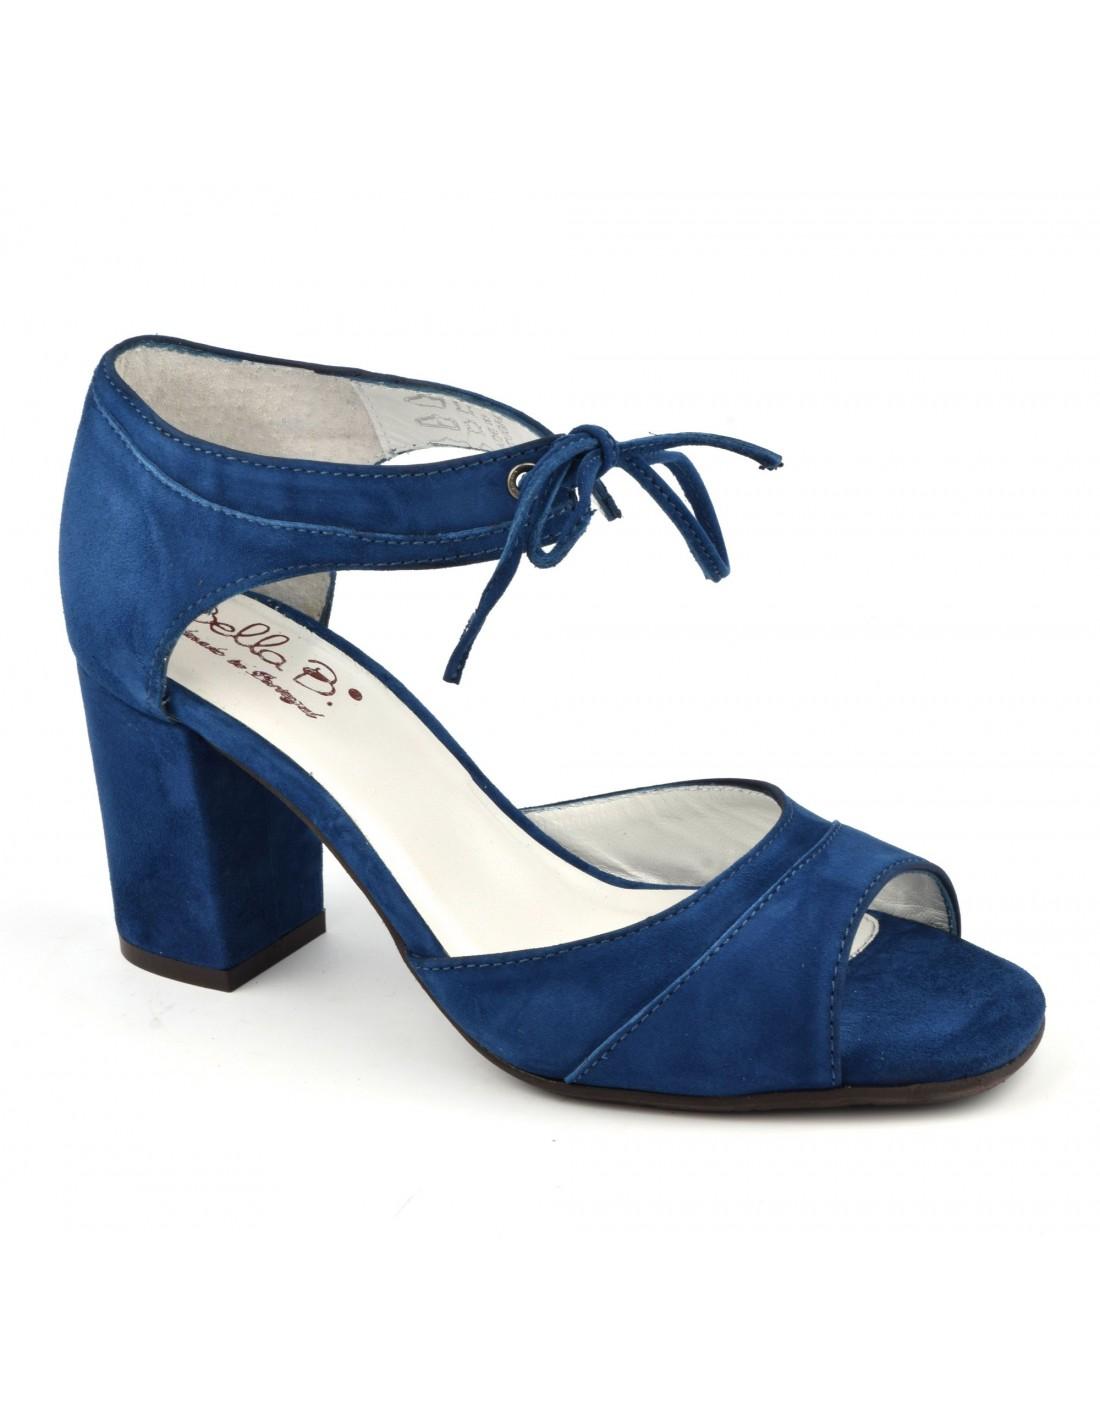 Sandales lacets cuir daim bleu royal, talons carrés, Blau, Bella B